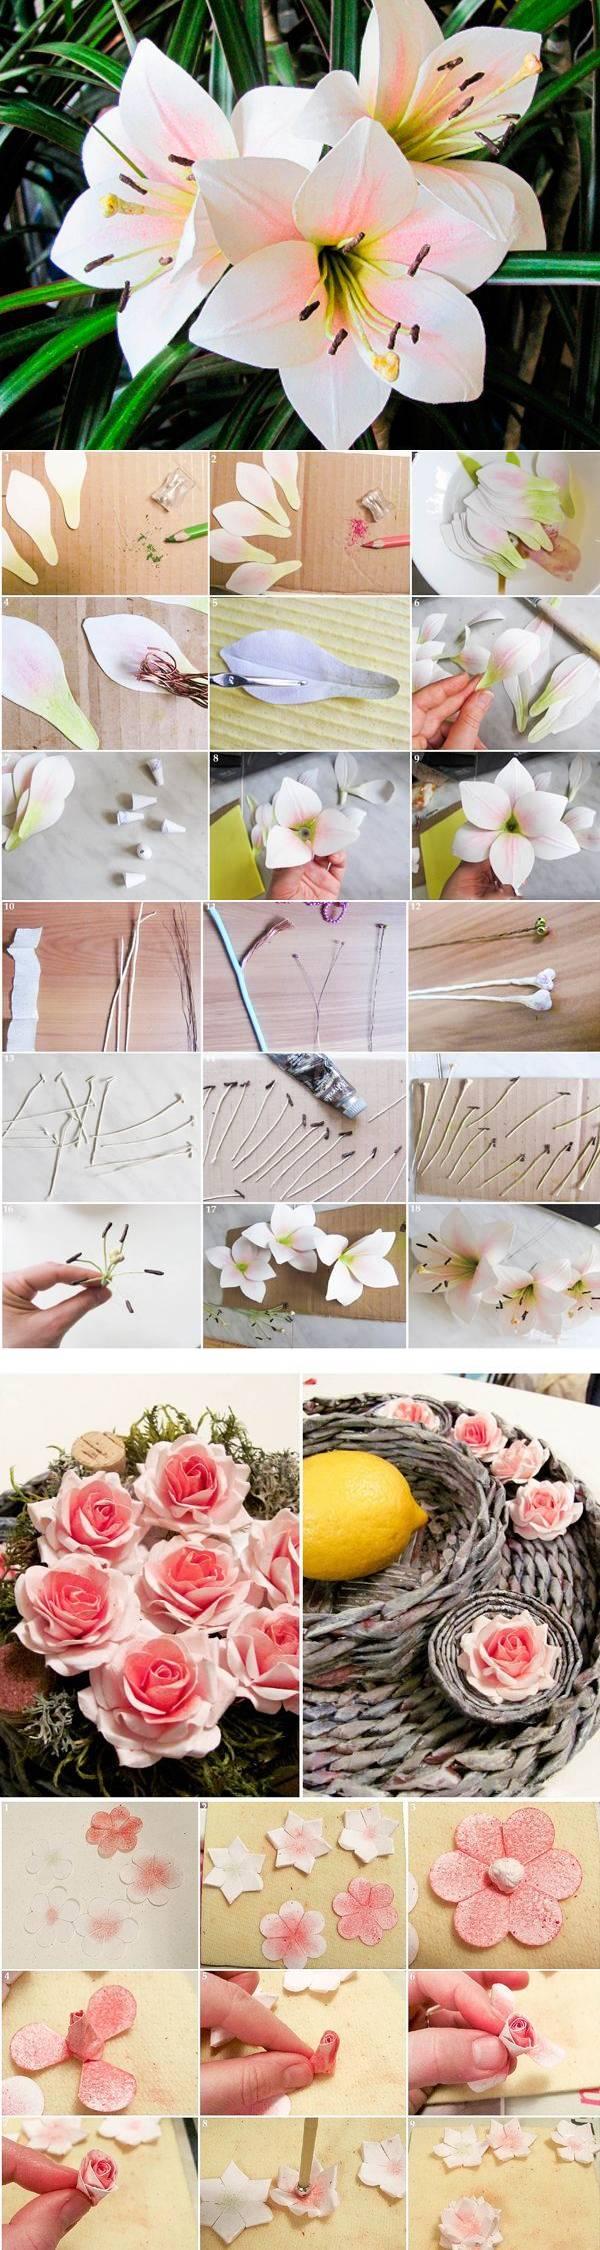 Цветы из бумаги — 5 мастер-классов